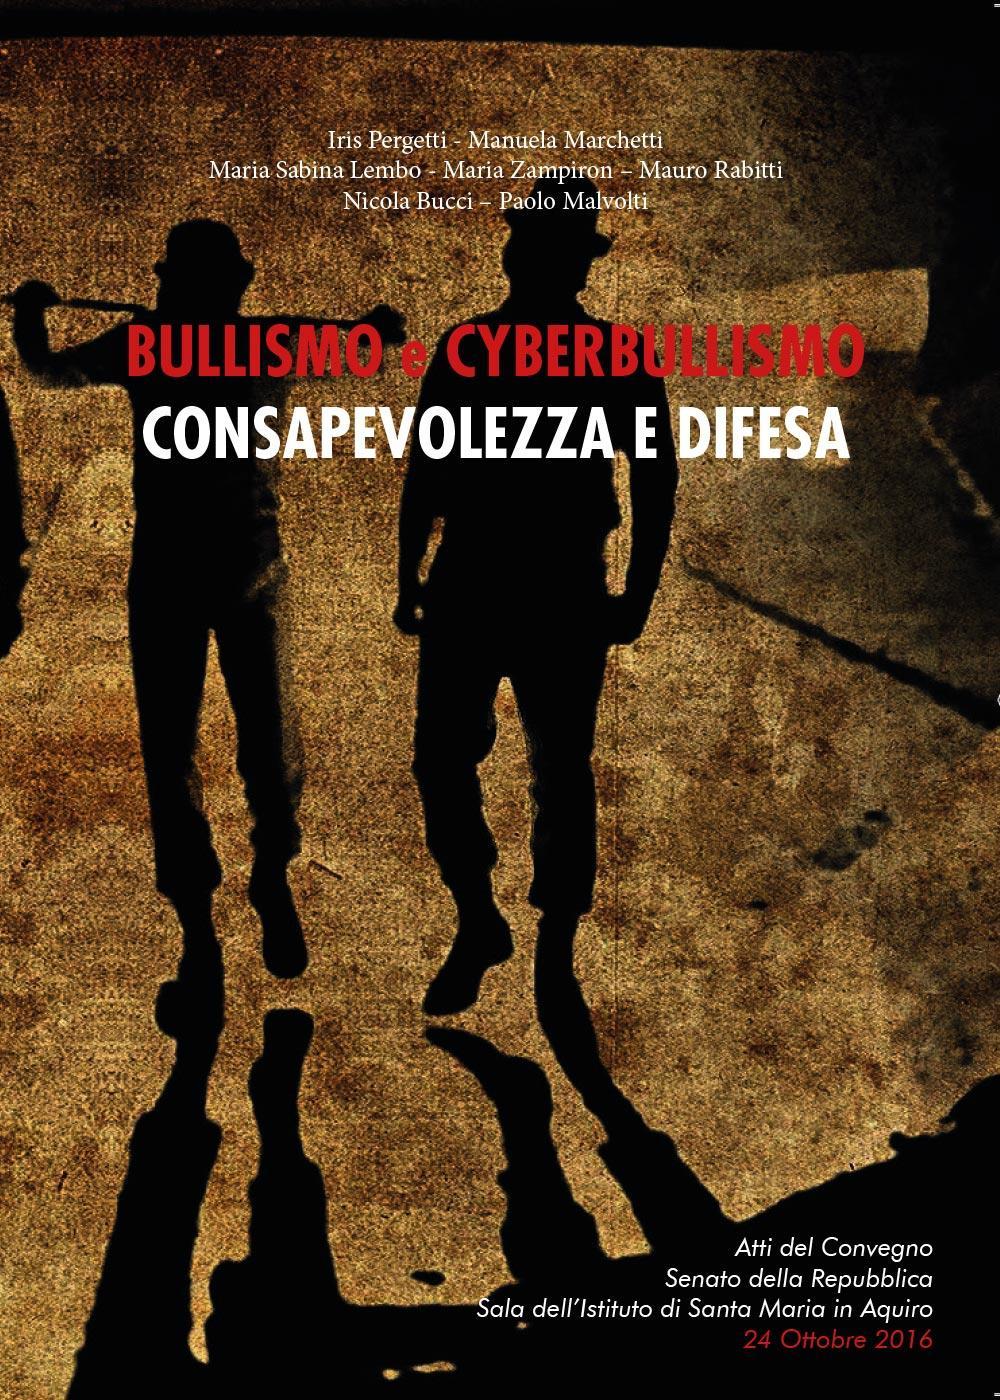 Bullismo e cyberbullismo: consapevolezza e difesa